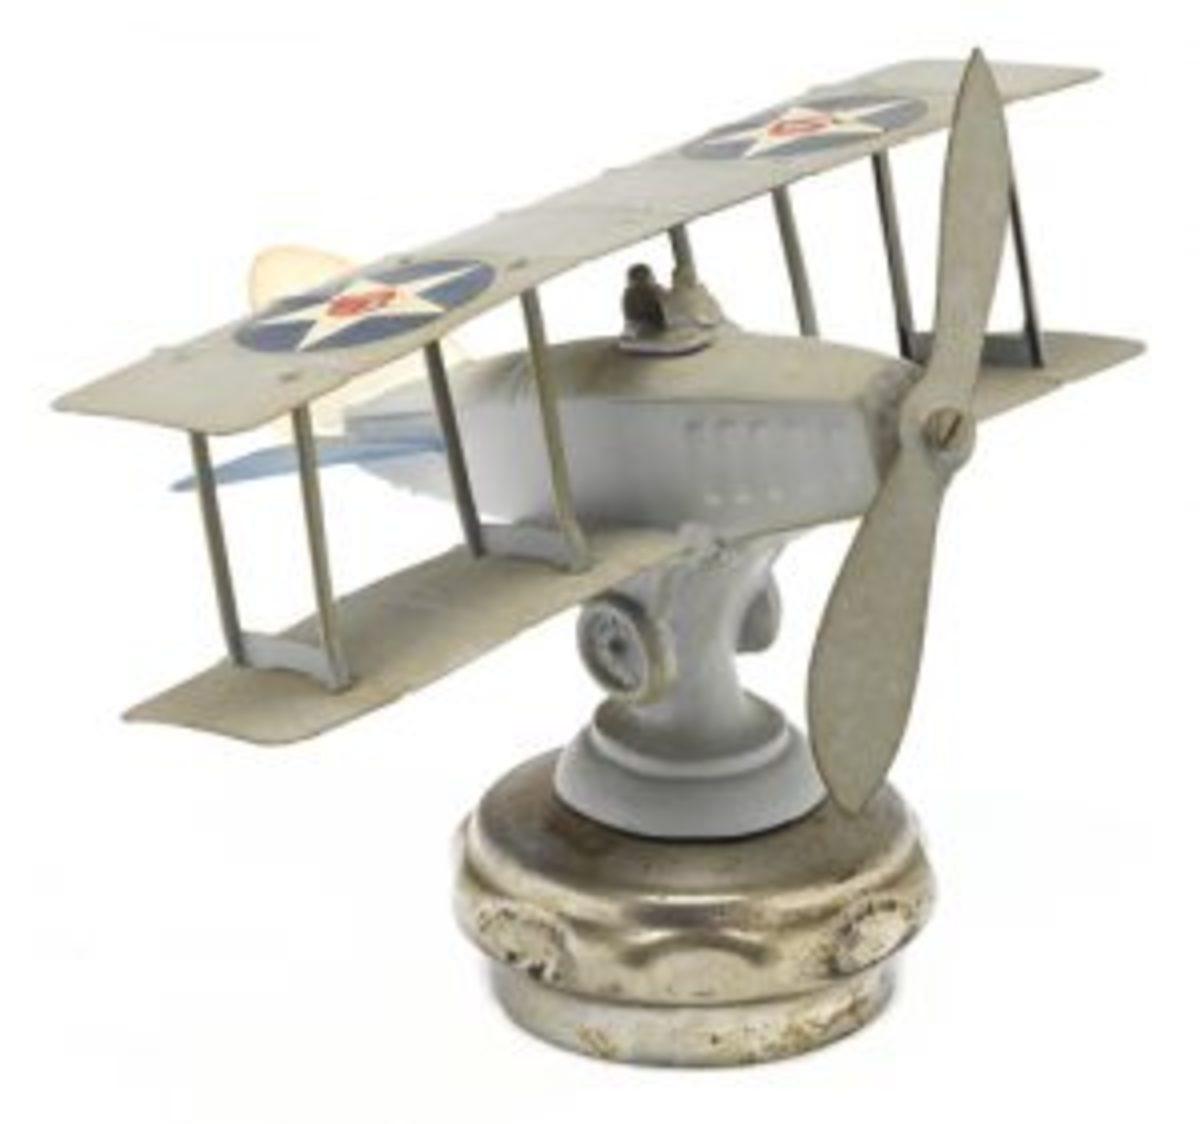 Bi-plane mascot